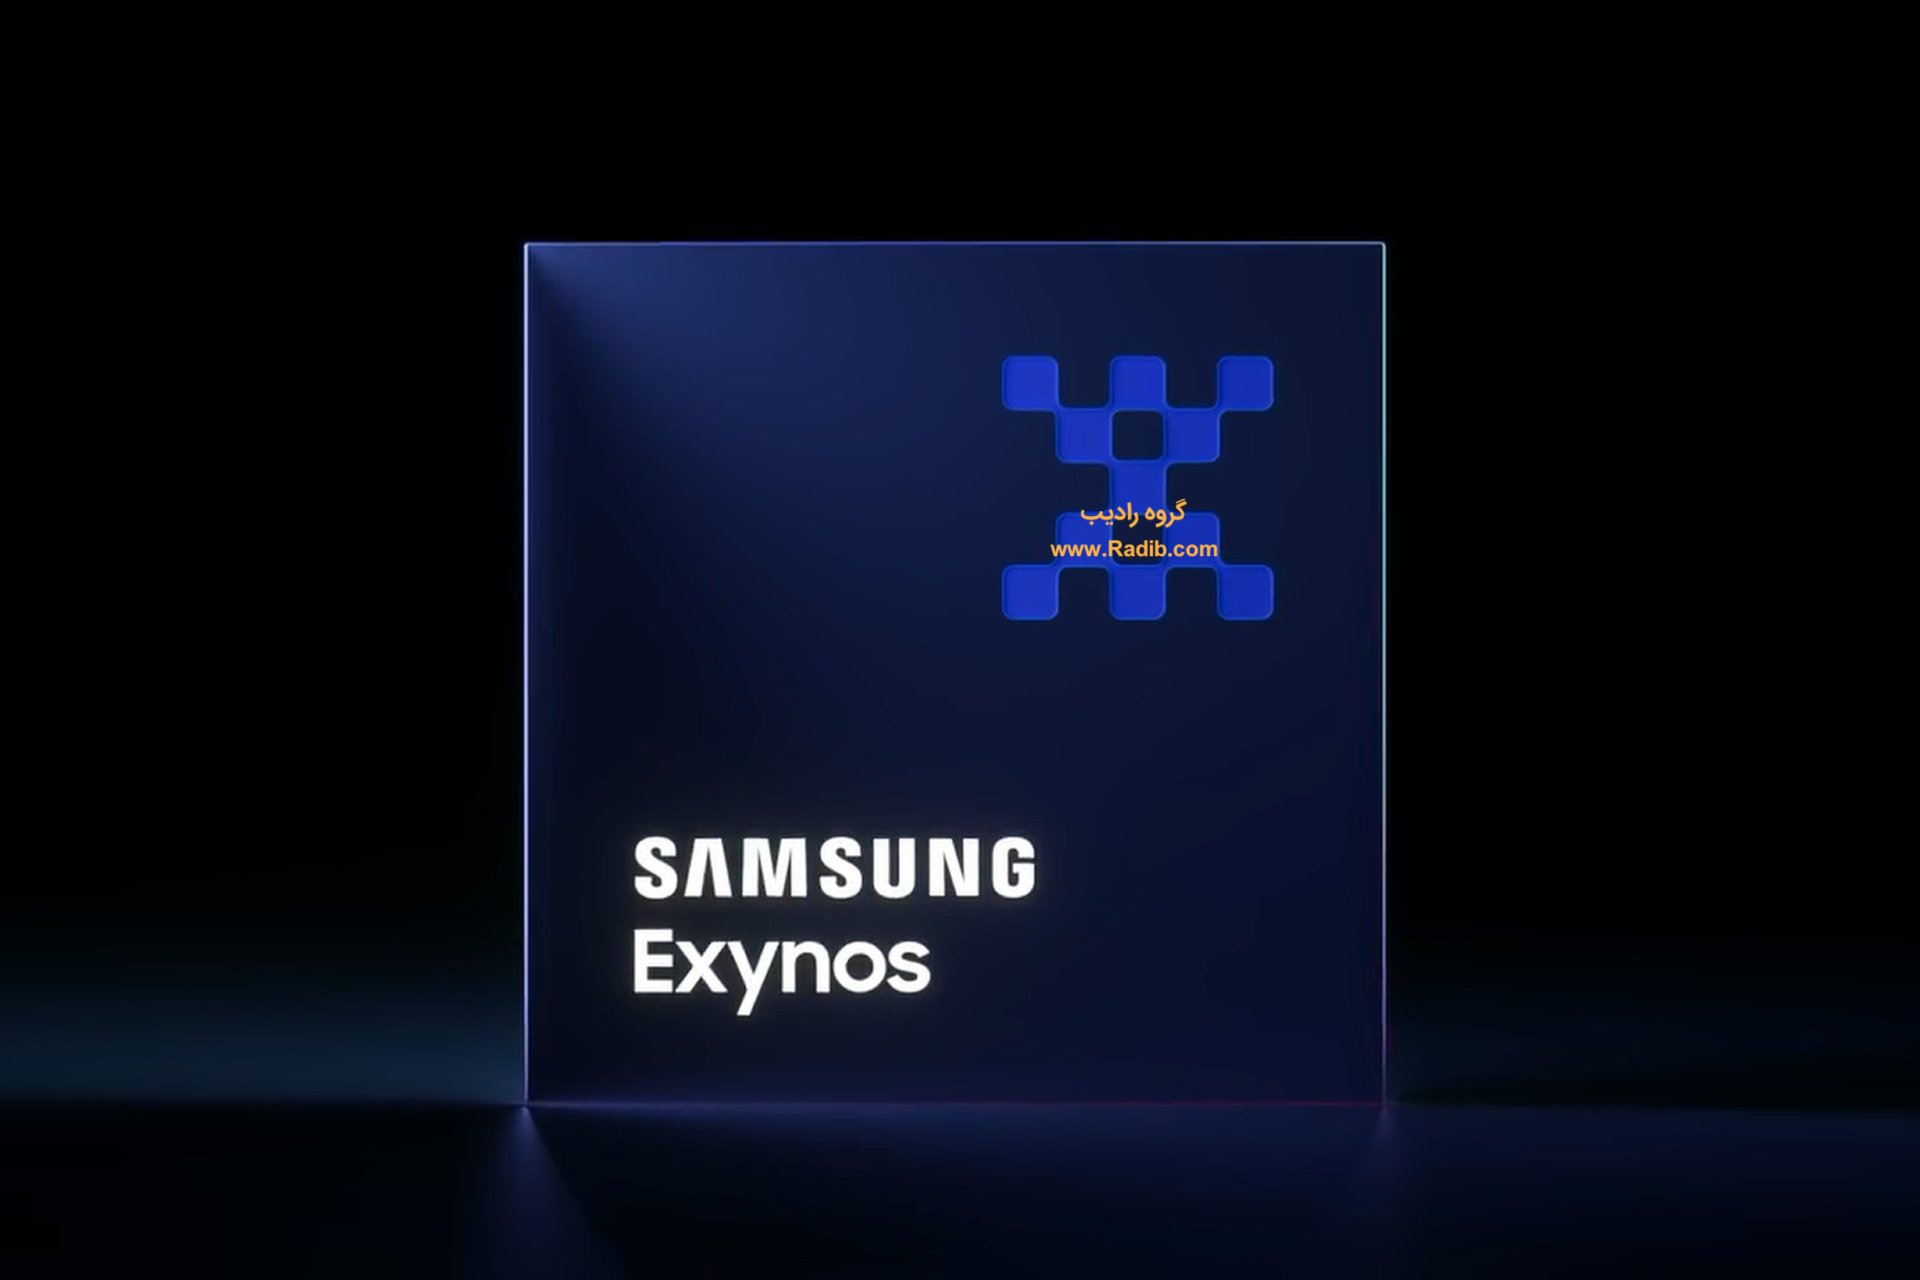 پردازنده اگزینوس ۲۱۰۰ سامسونگ